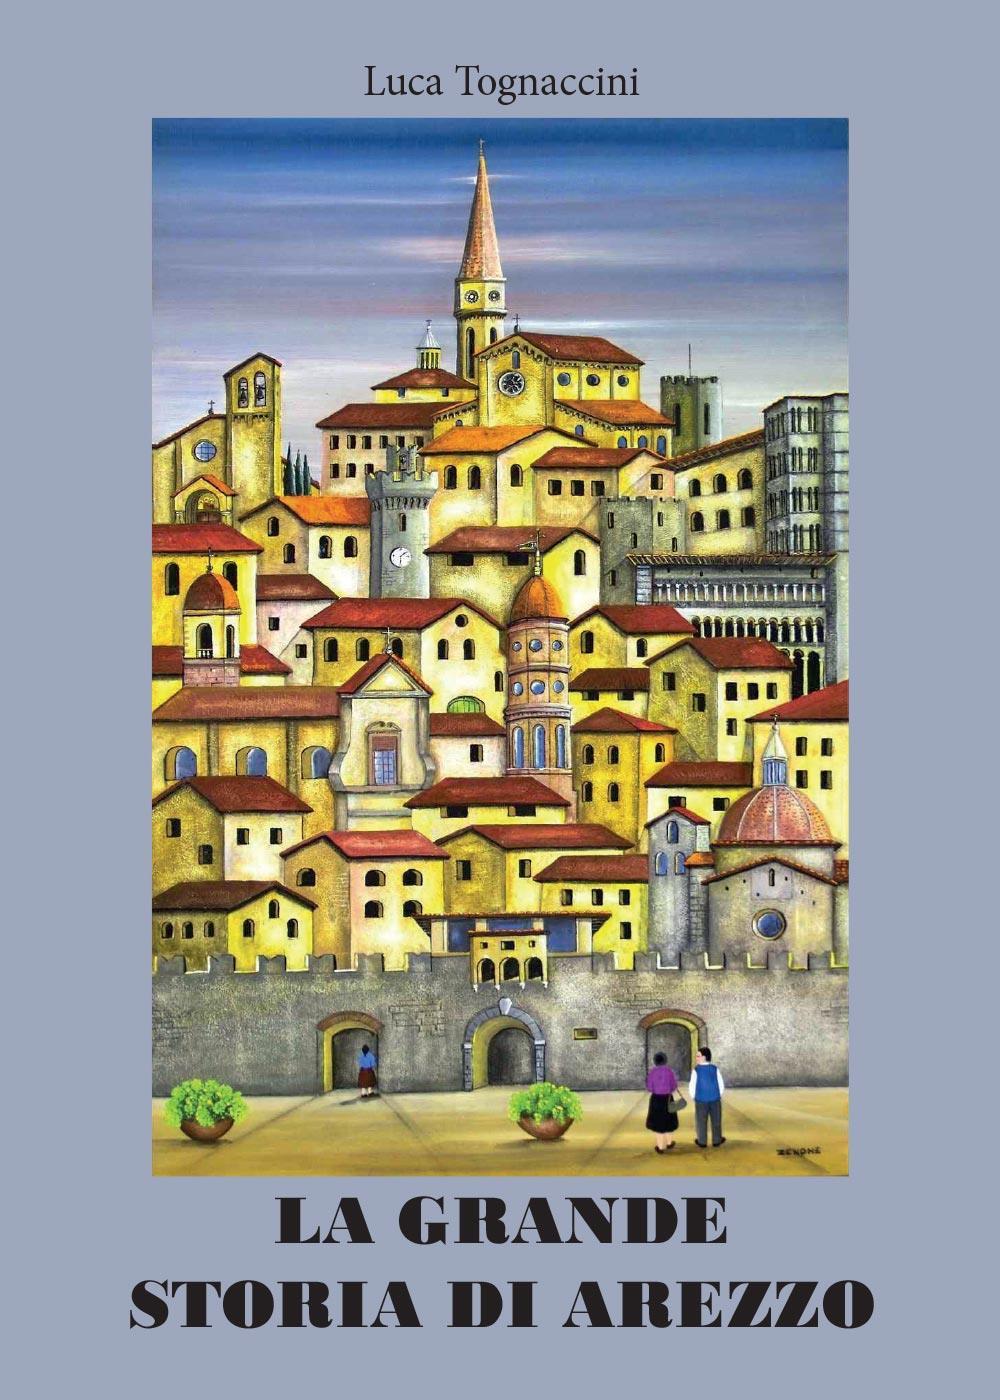 La grande storia di Arezzo